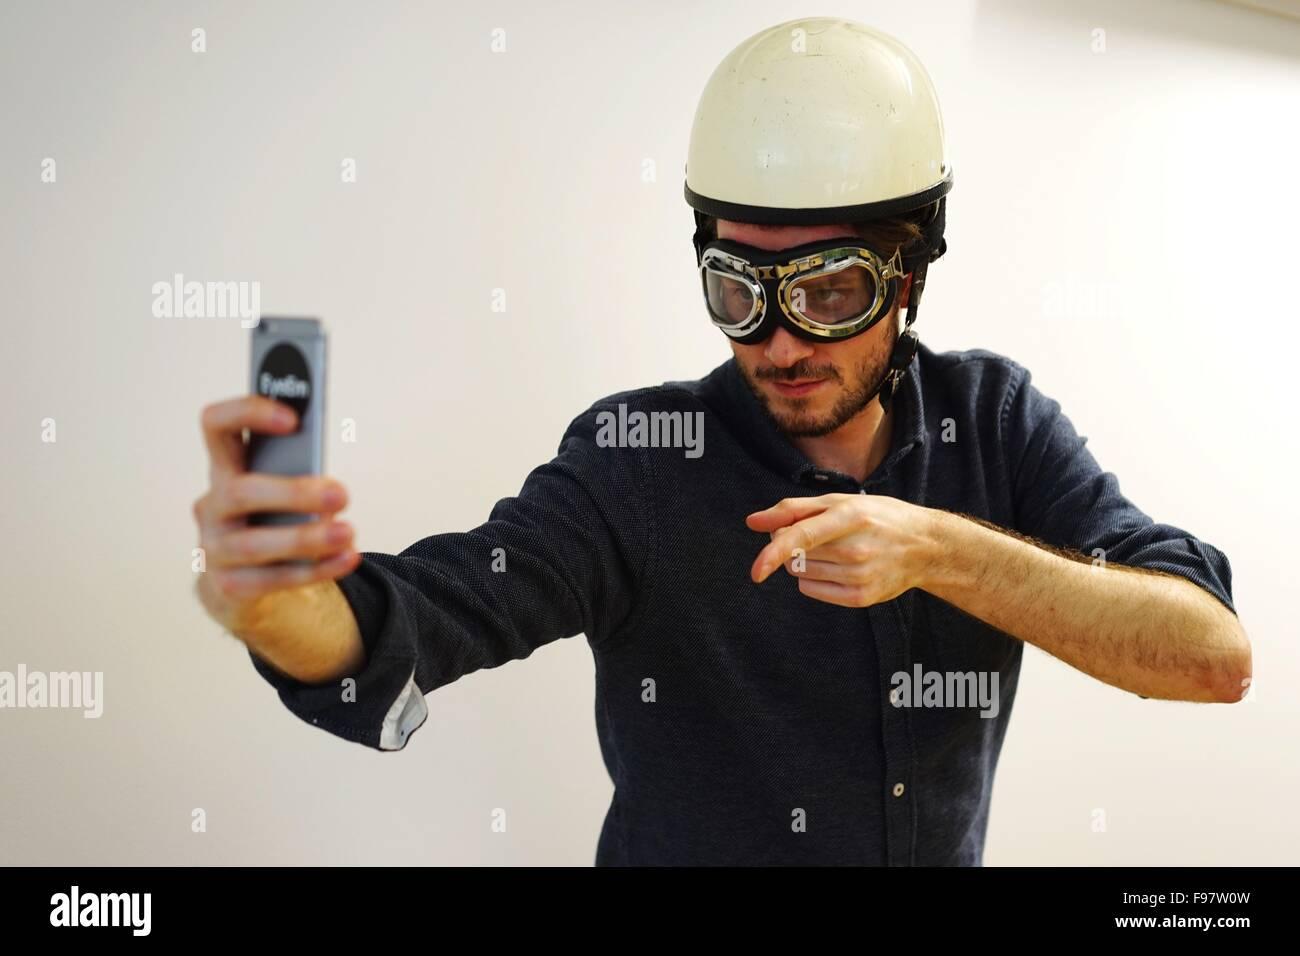 Joven aviador gafas y casco teniendo Selfie Contra la pared blanca Imagen De Stock